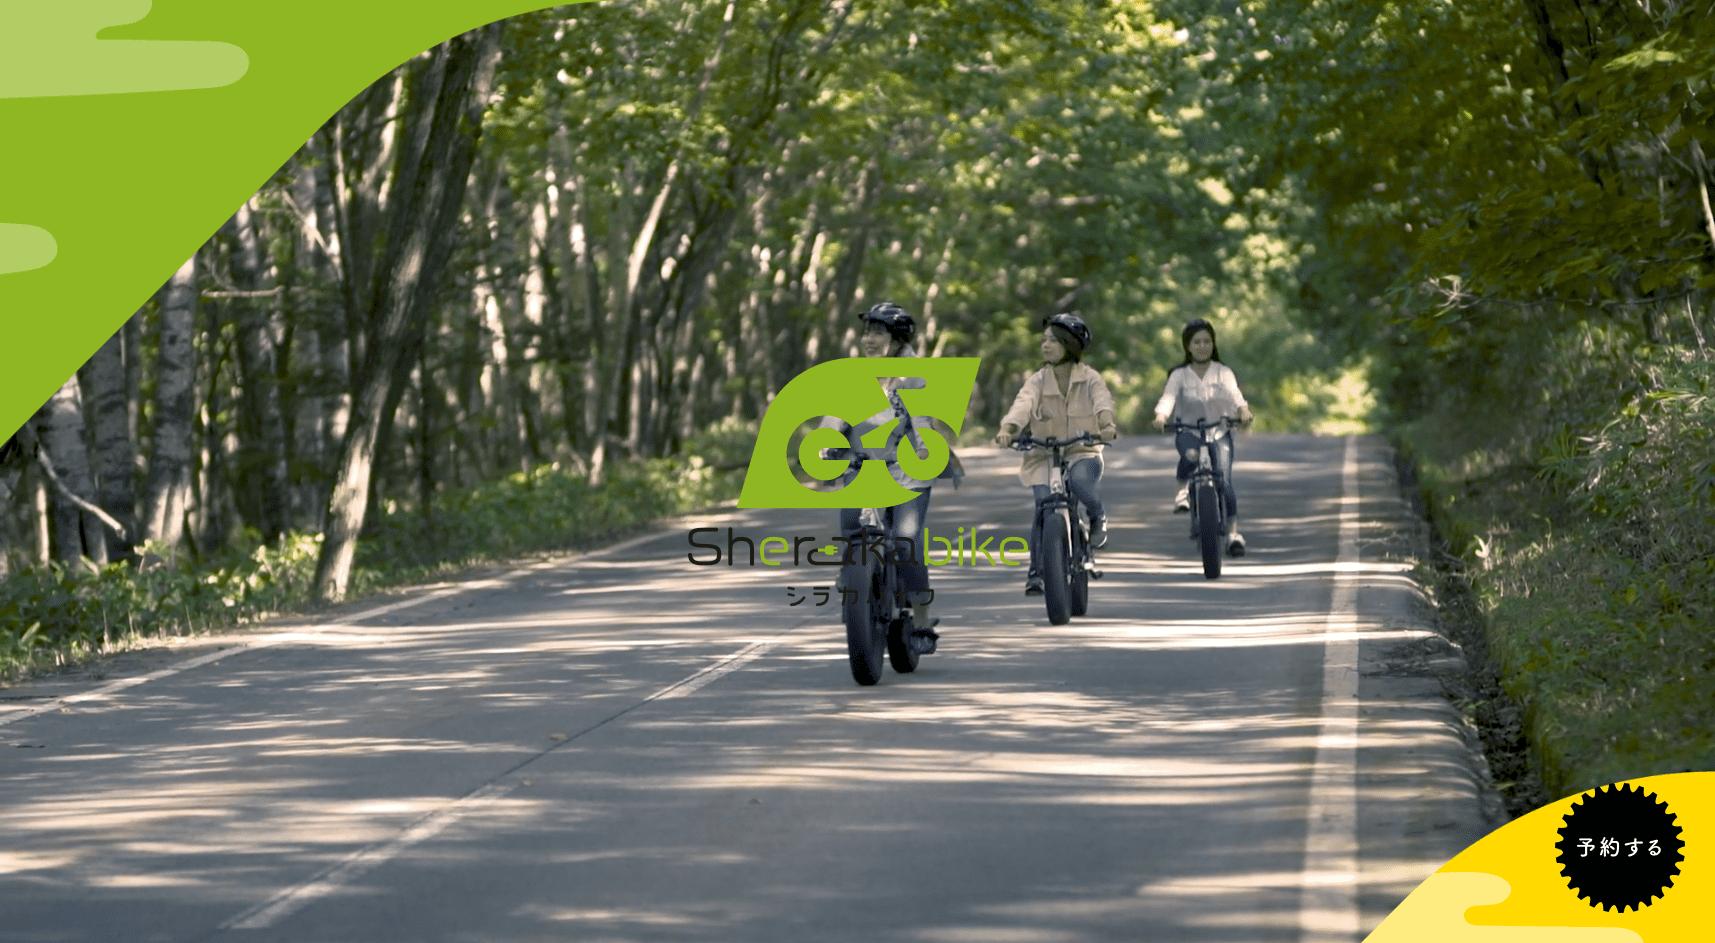 シラカバイク【 長野県立科町を電動自転車E-Bikeレンタルサイト】